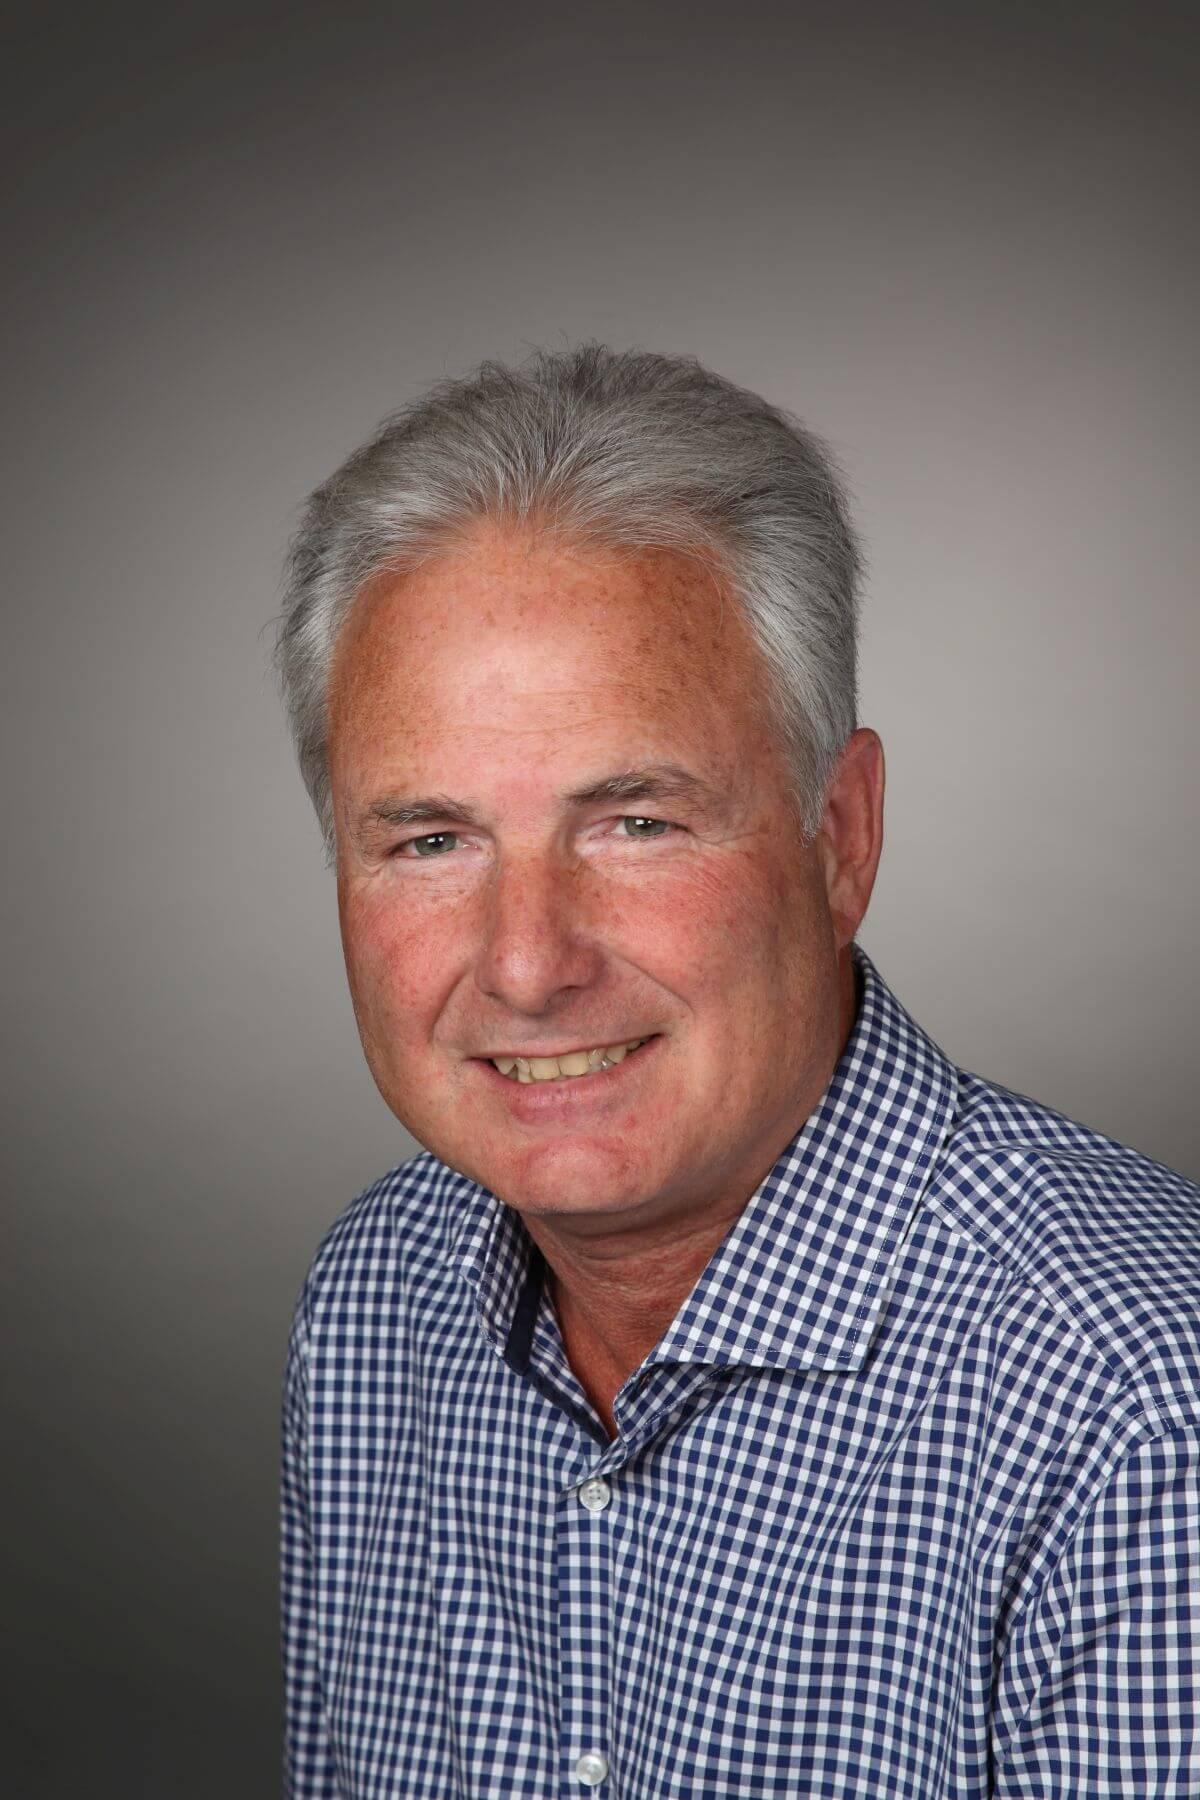 Karl Megerle